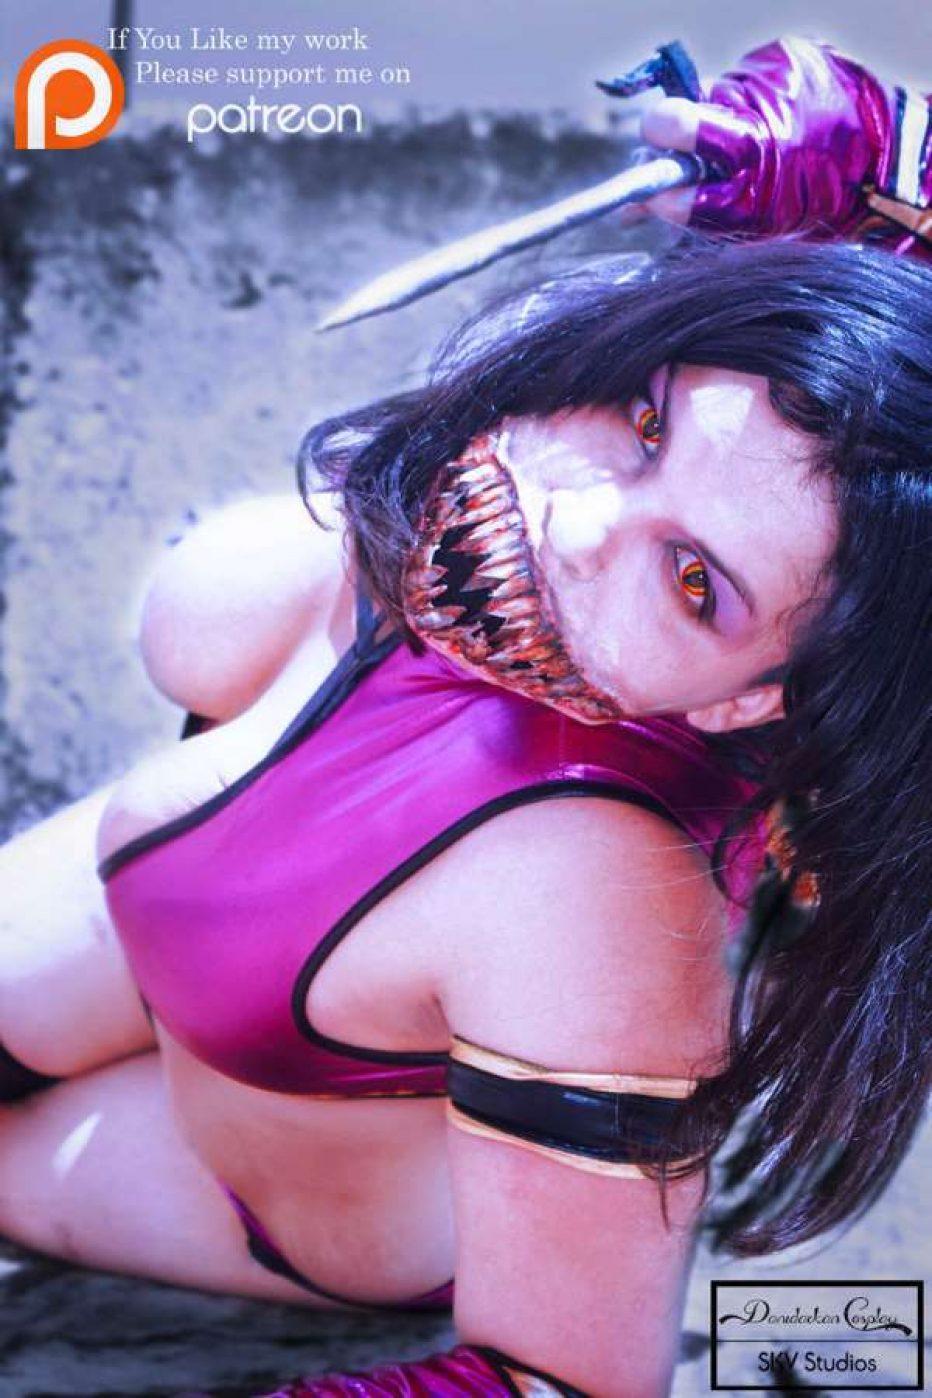 Mortal-Kombat-Mileena-Cosplay-Gamers-Heroes-3.jpg